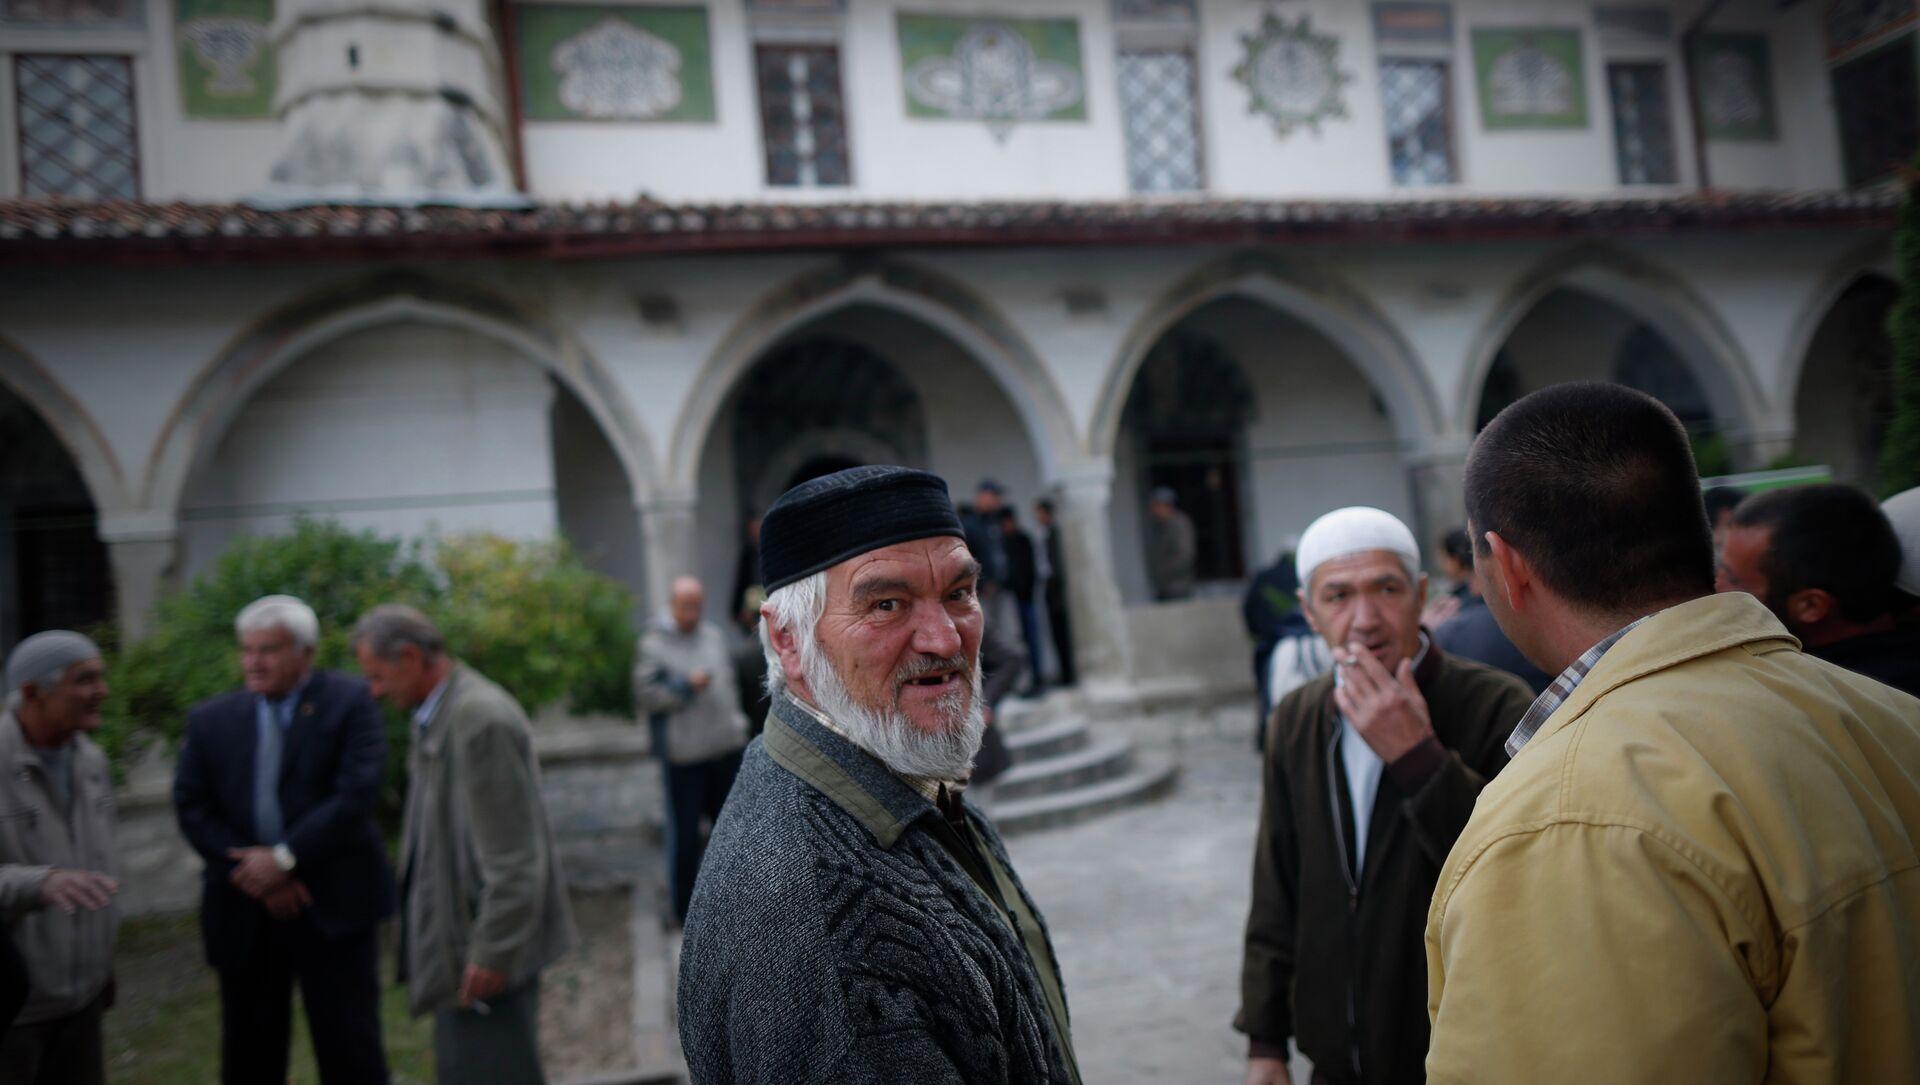 Tatarzy Krymscy przed meczetem w Bakczysaraju - Sputnik Polska, 1920, 01.06.2021